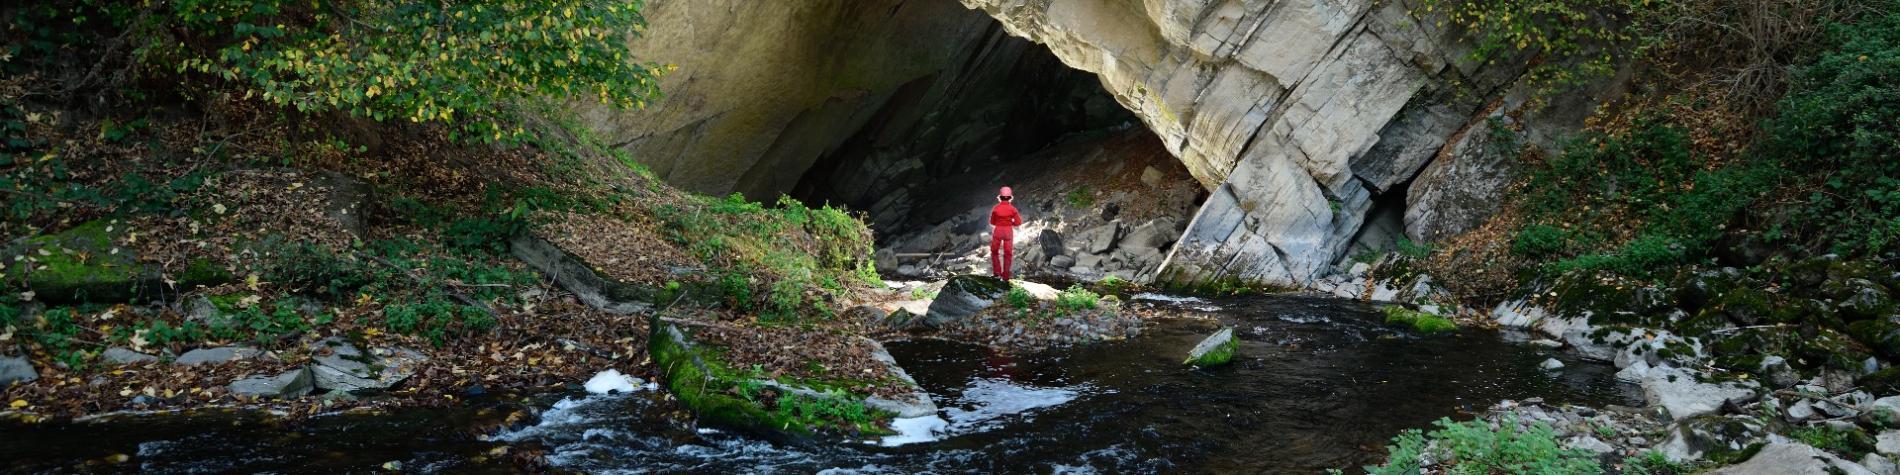 Domaine des Grottes de Han - A la recherche de la rivière perdue